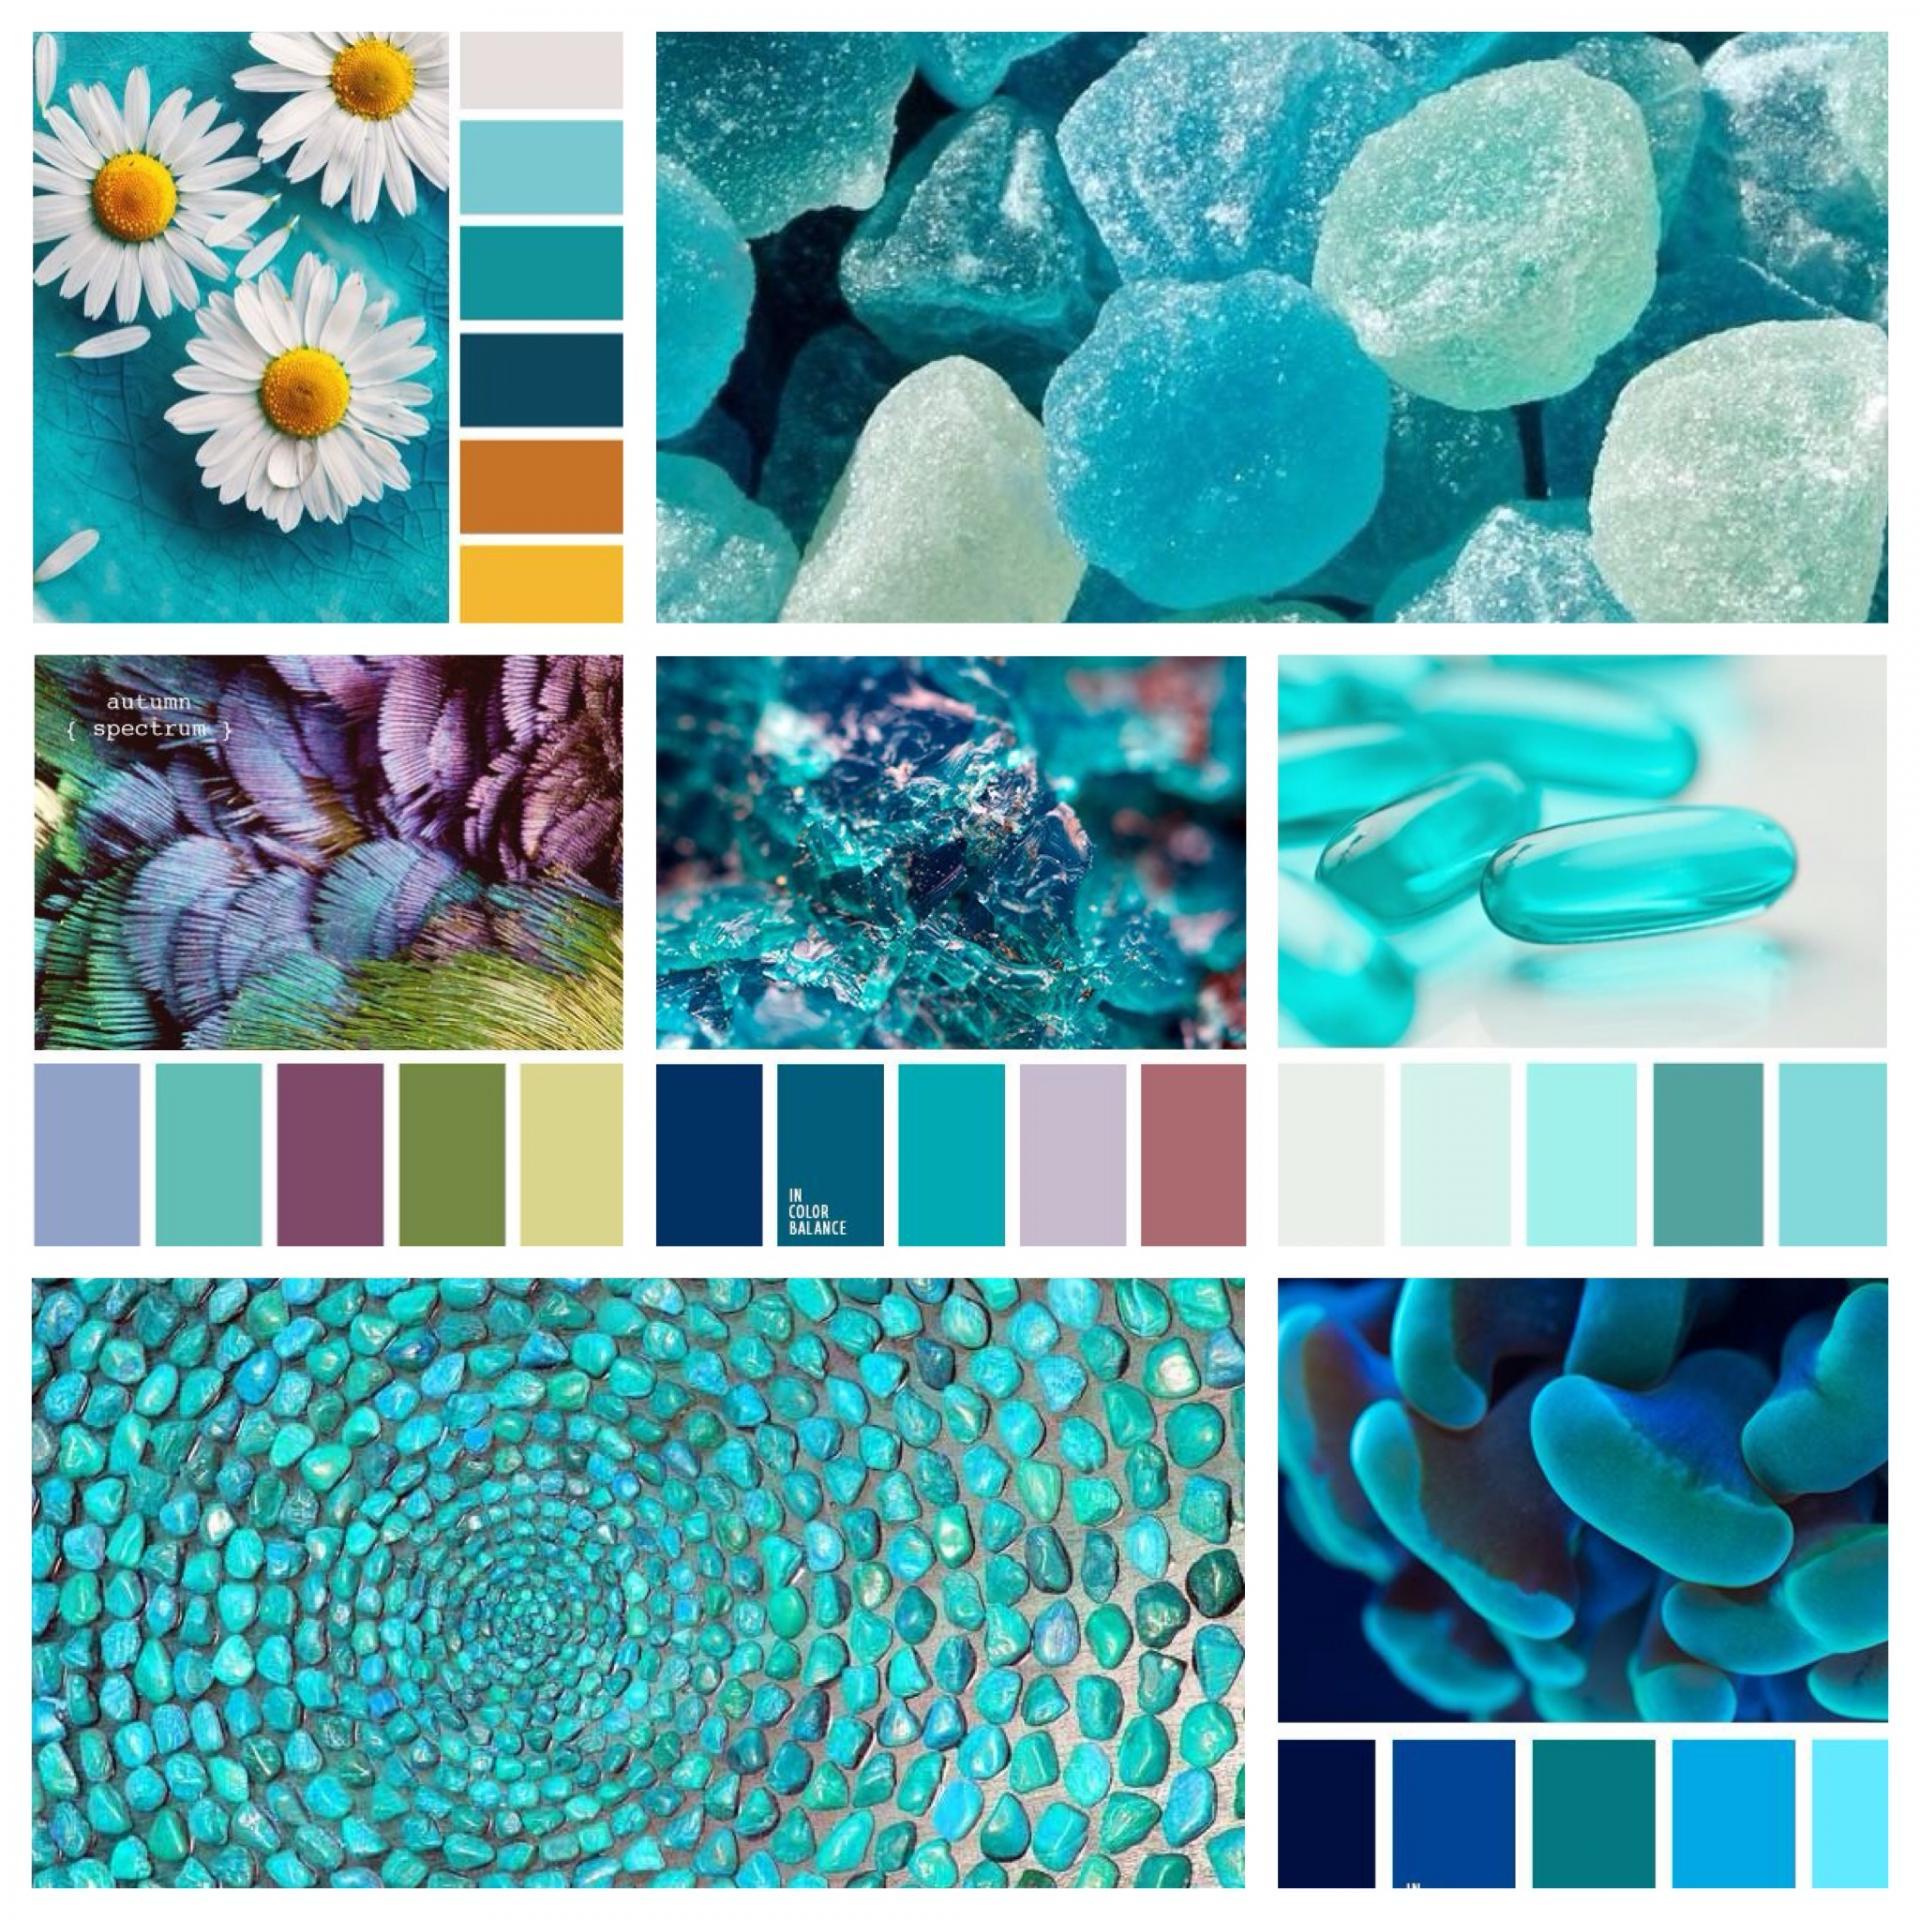 сочетание цветов в картинках синий говорит любознательности